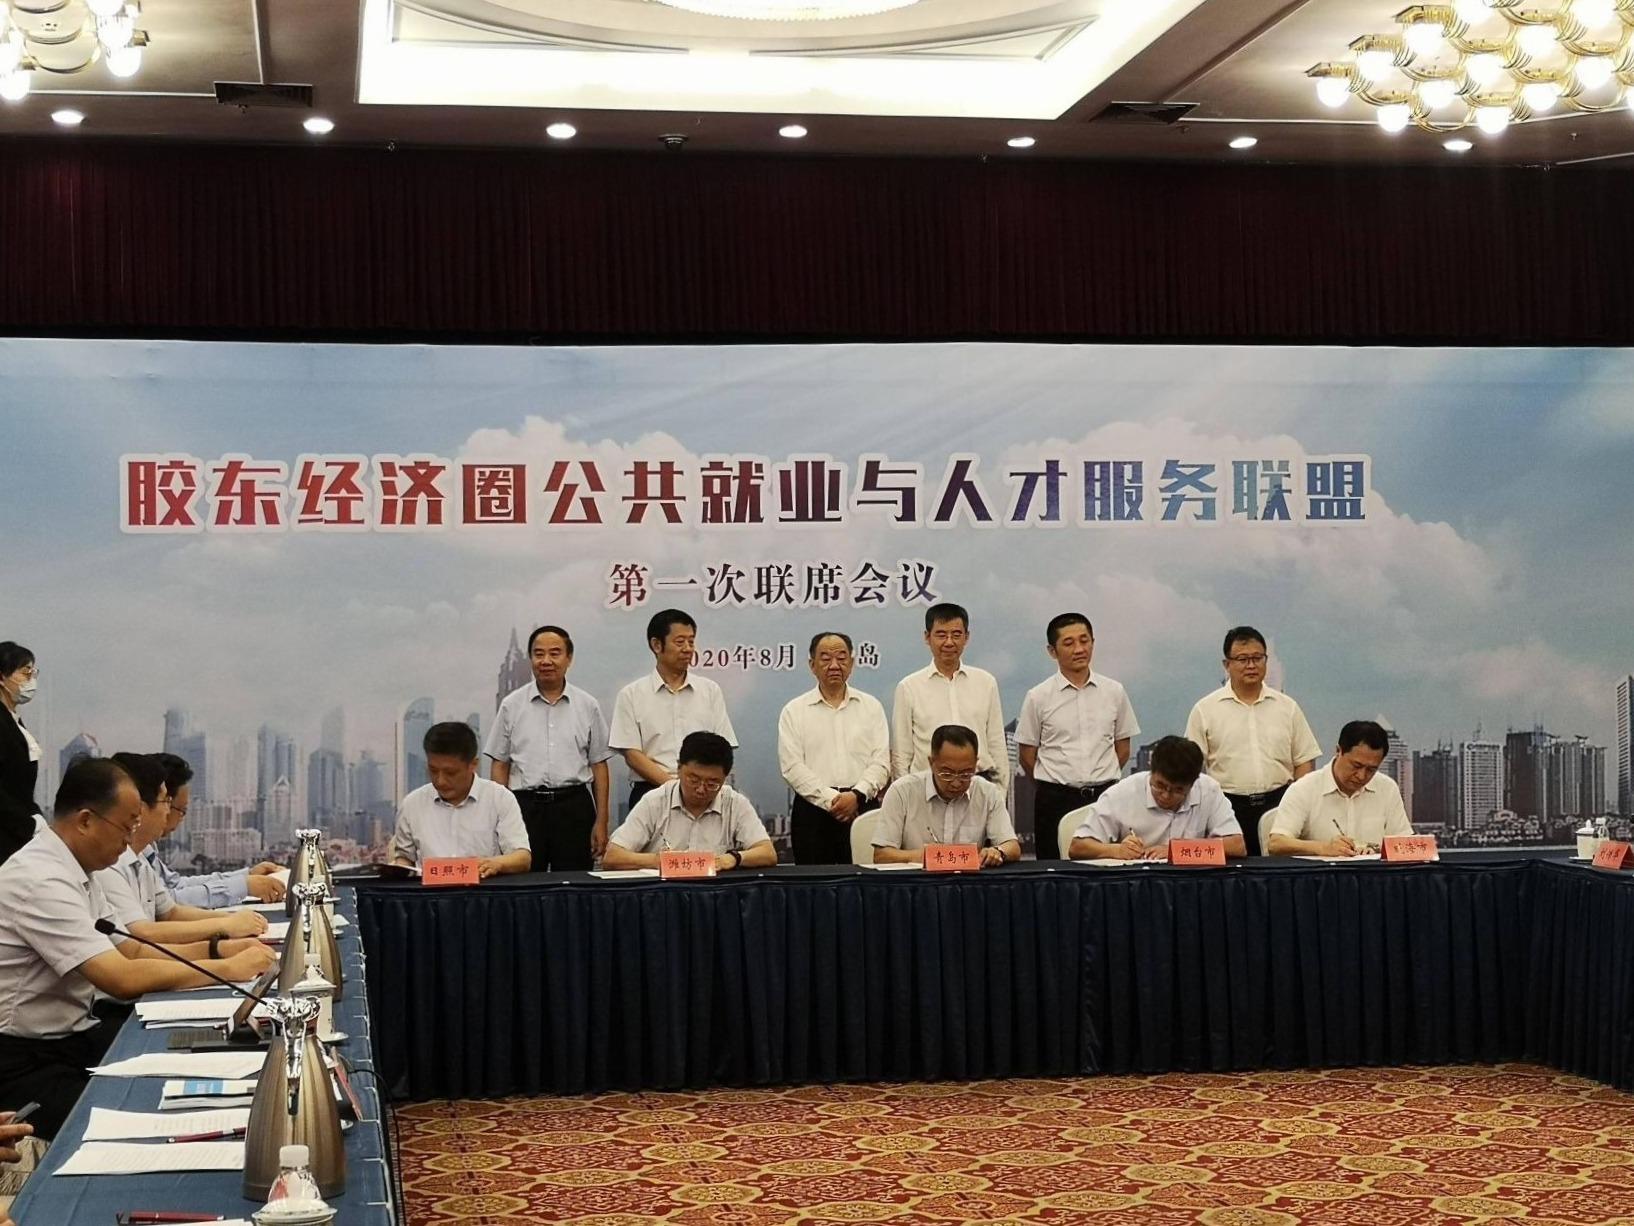 膠東經濟圈公共就業聯盟聯席會議框定這些大事!